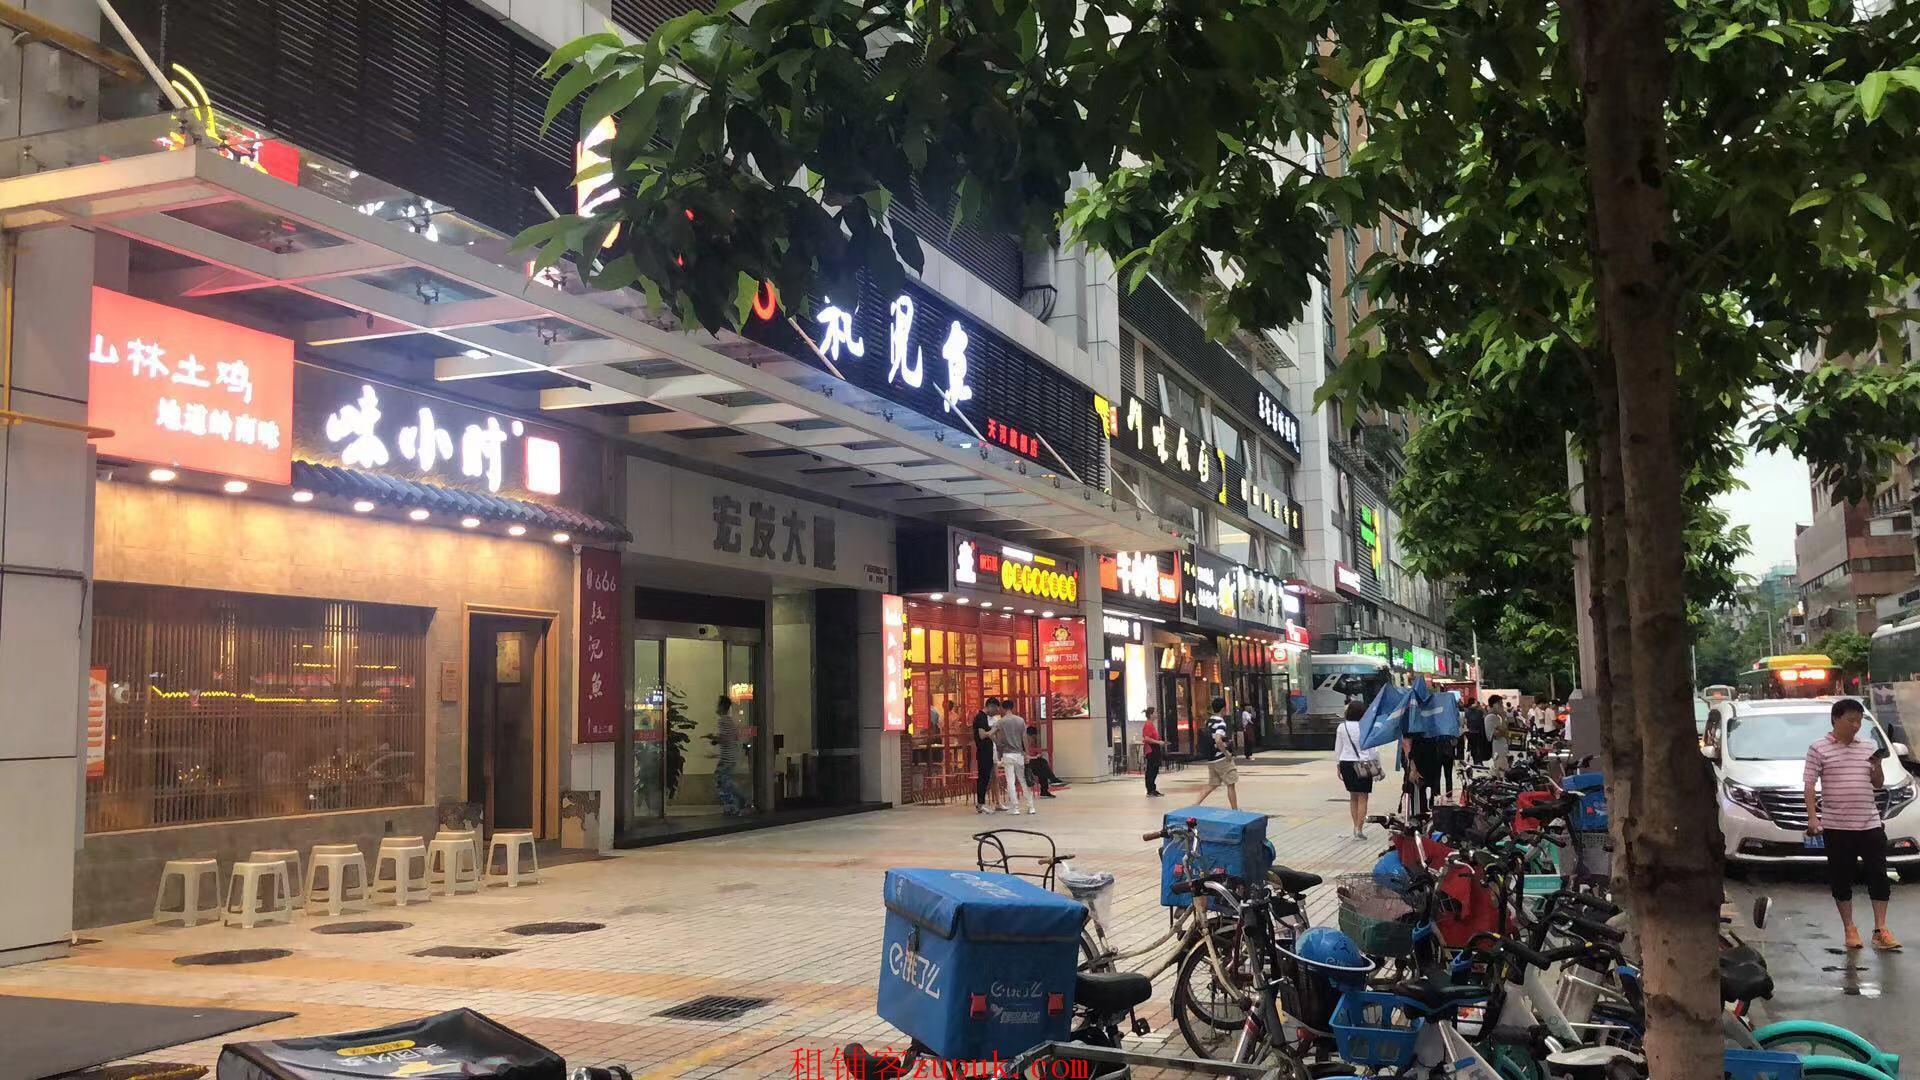 中山八路商圈 重餐饮可明火  网红产品集中 竞争力小